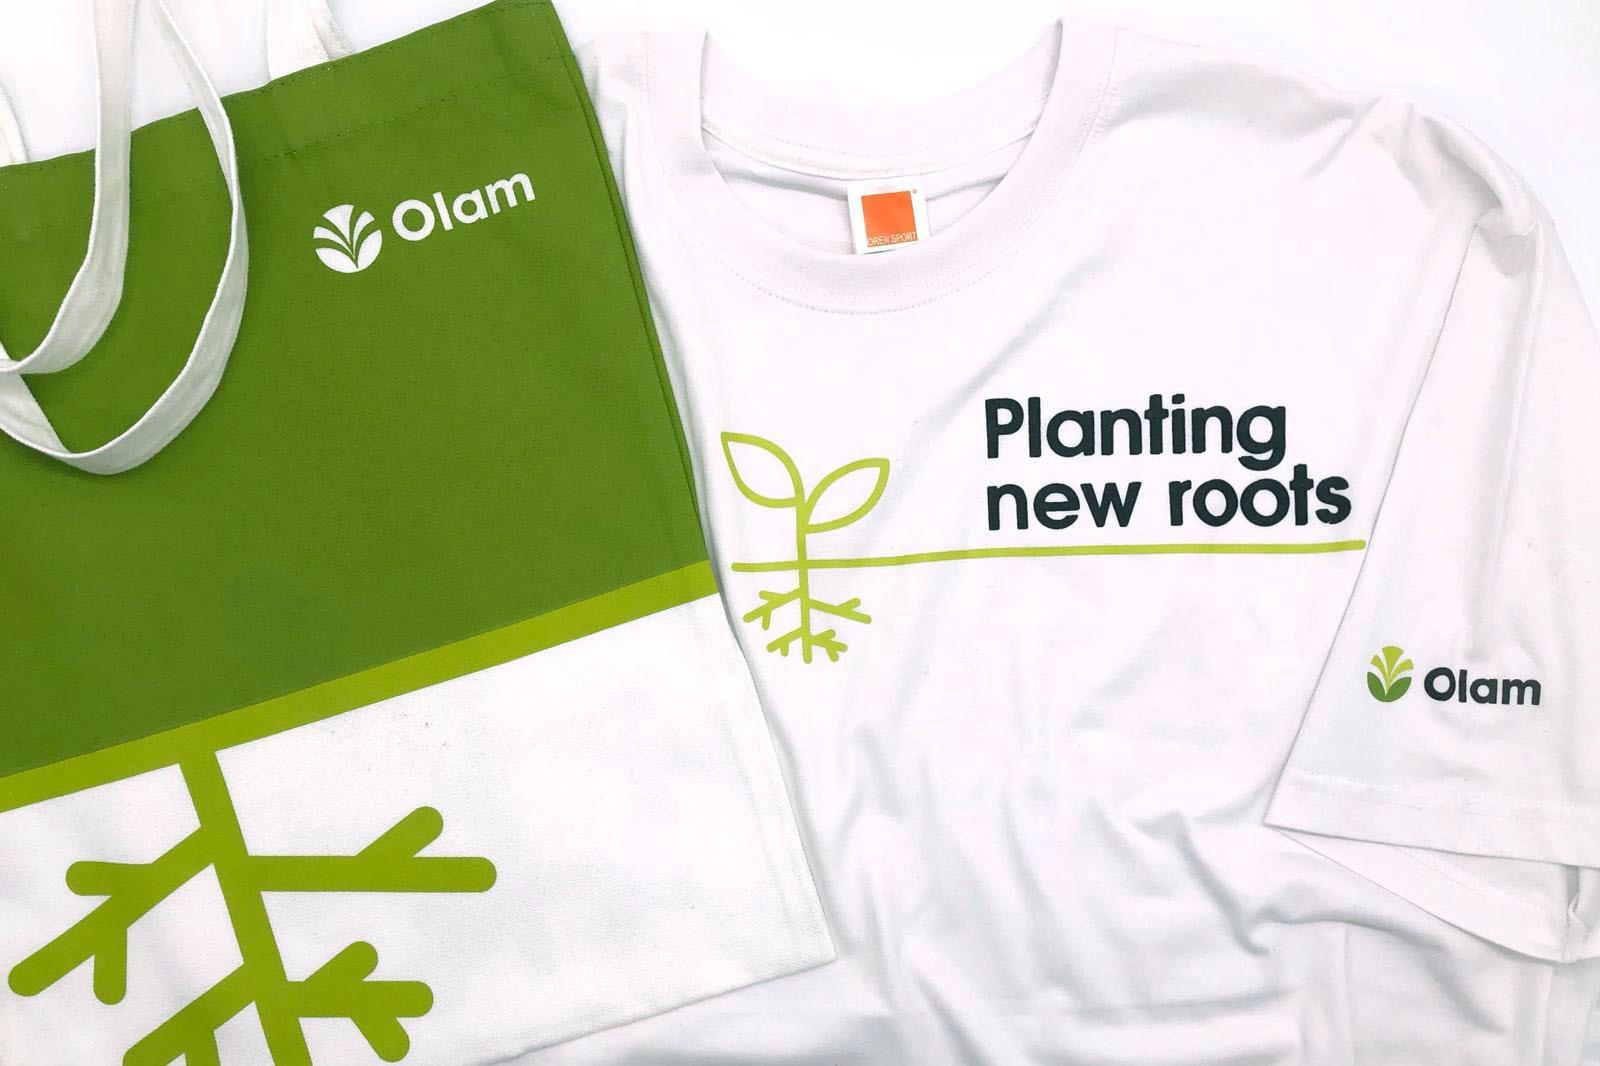 Olam Custom Printed Tote Bag and T Shirt